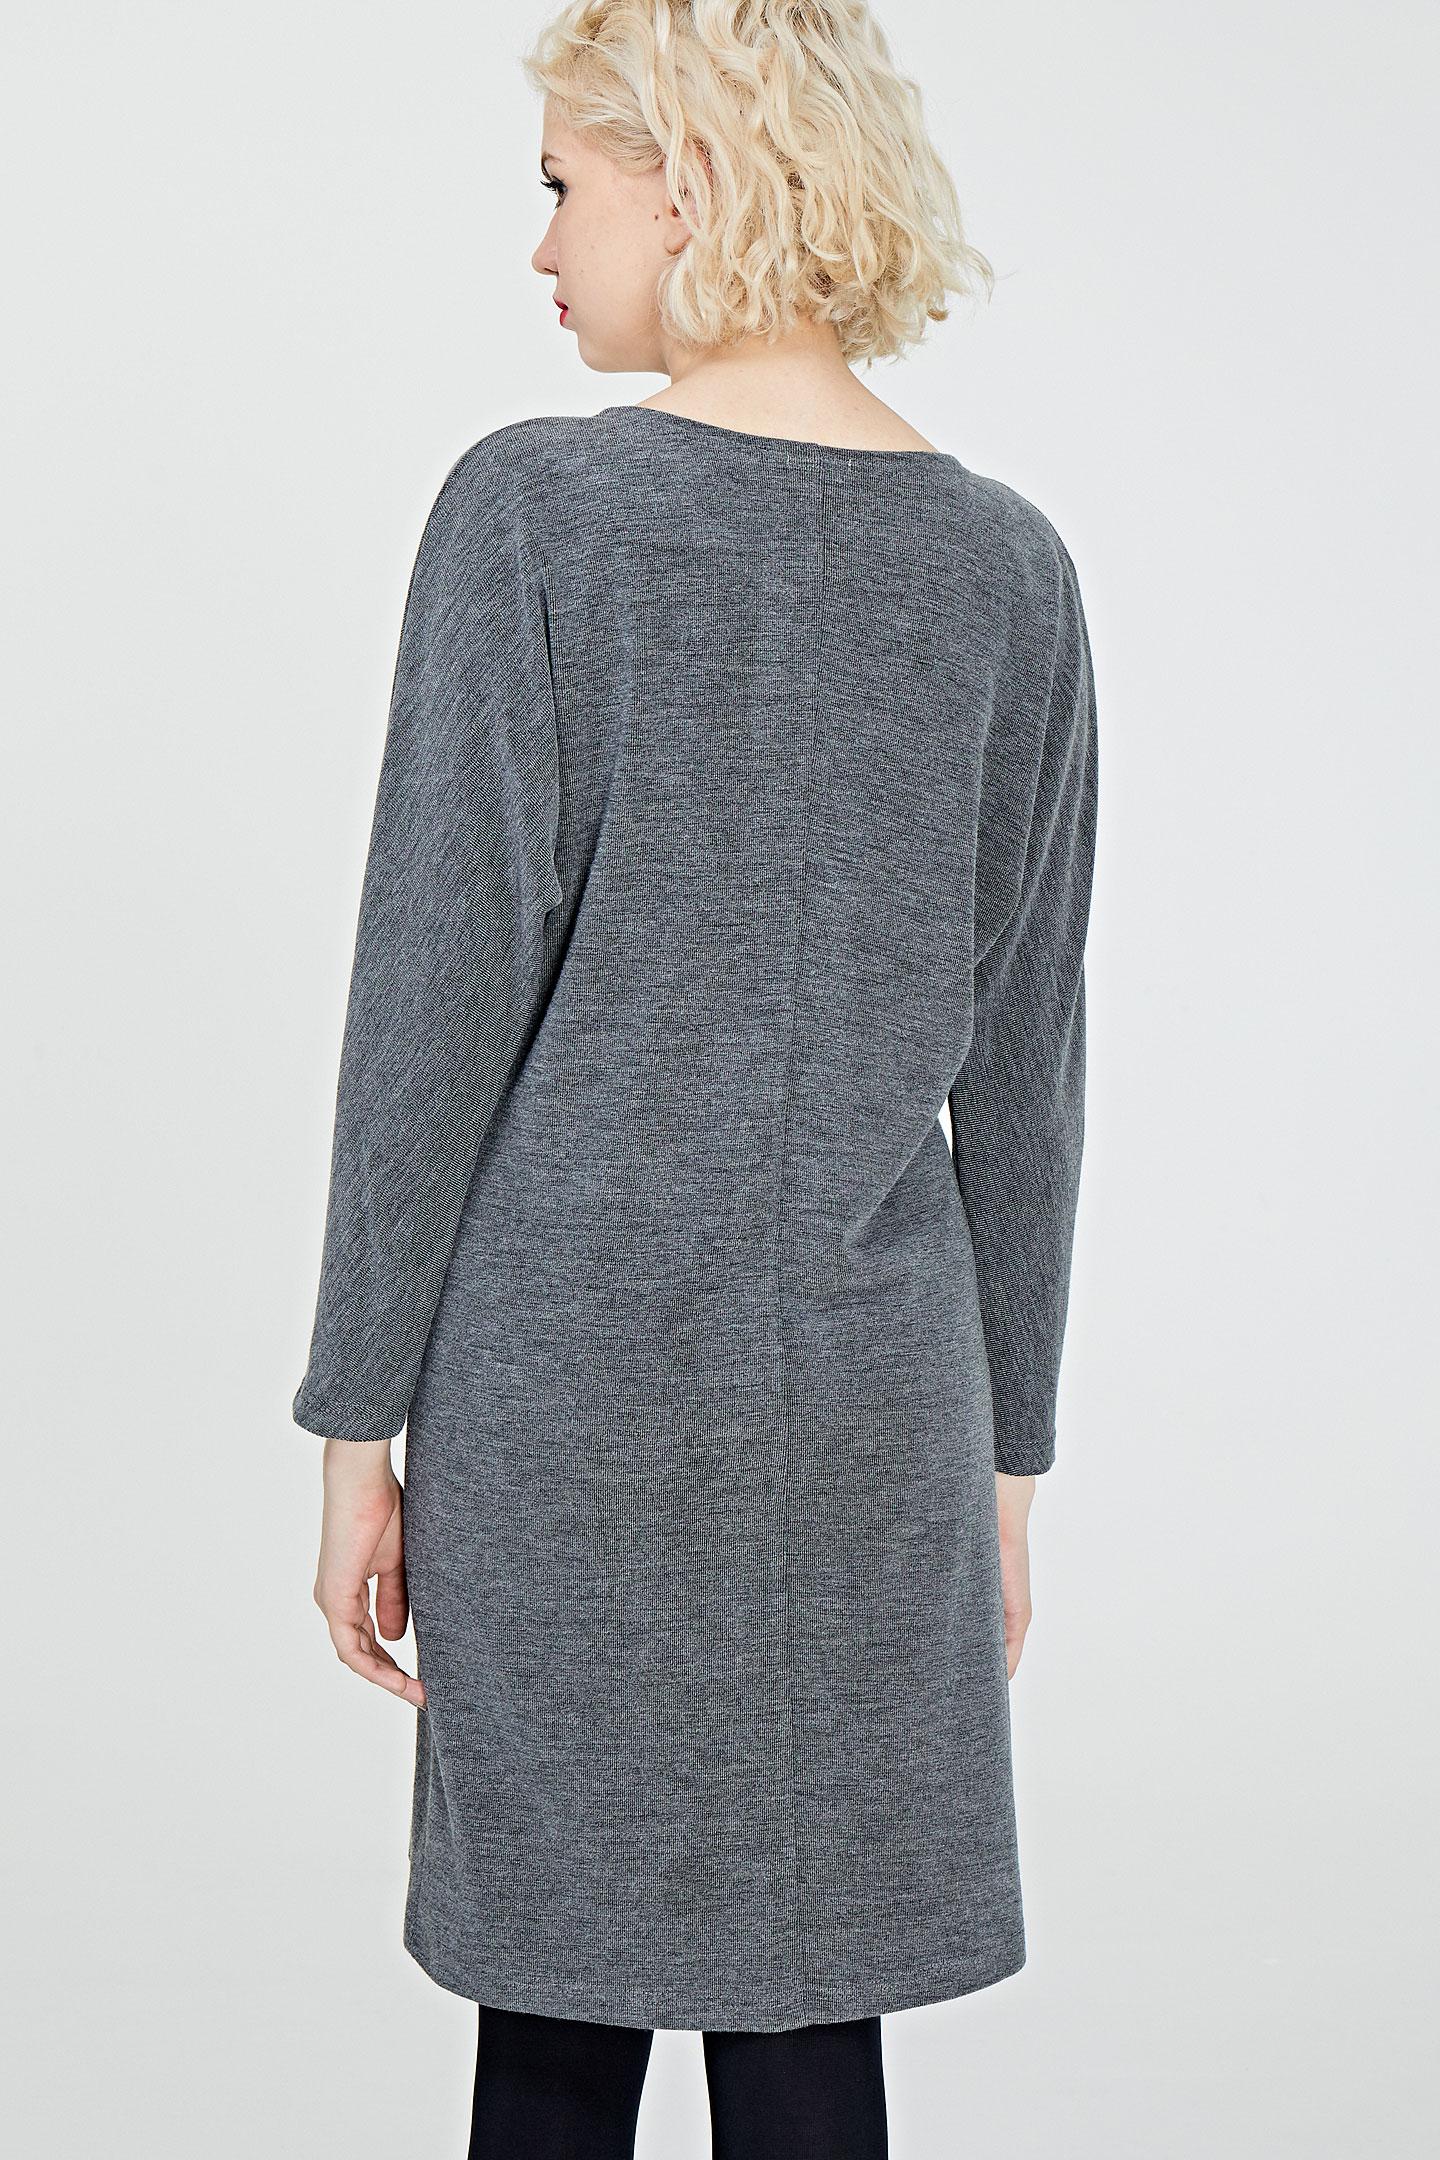 Распродажа женской одежды в интернет магазине